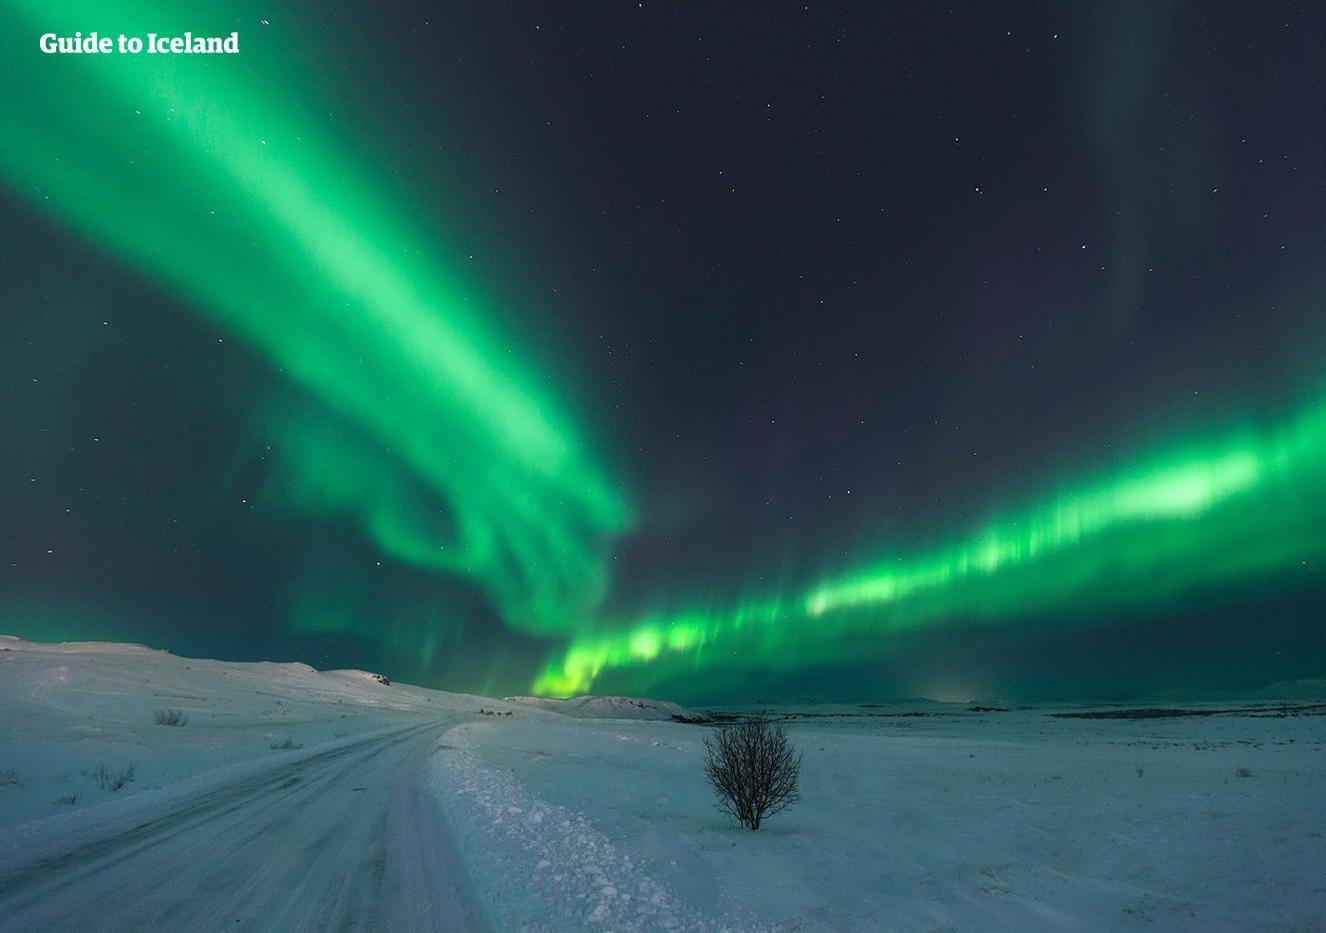 Los viajes a tu aire significan que tú decides dónde buscar la aurora boreal y por cuánto tiempo, lo que te permite maximizar tus posibilidades de capturar este sorprendente fenómeno.